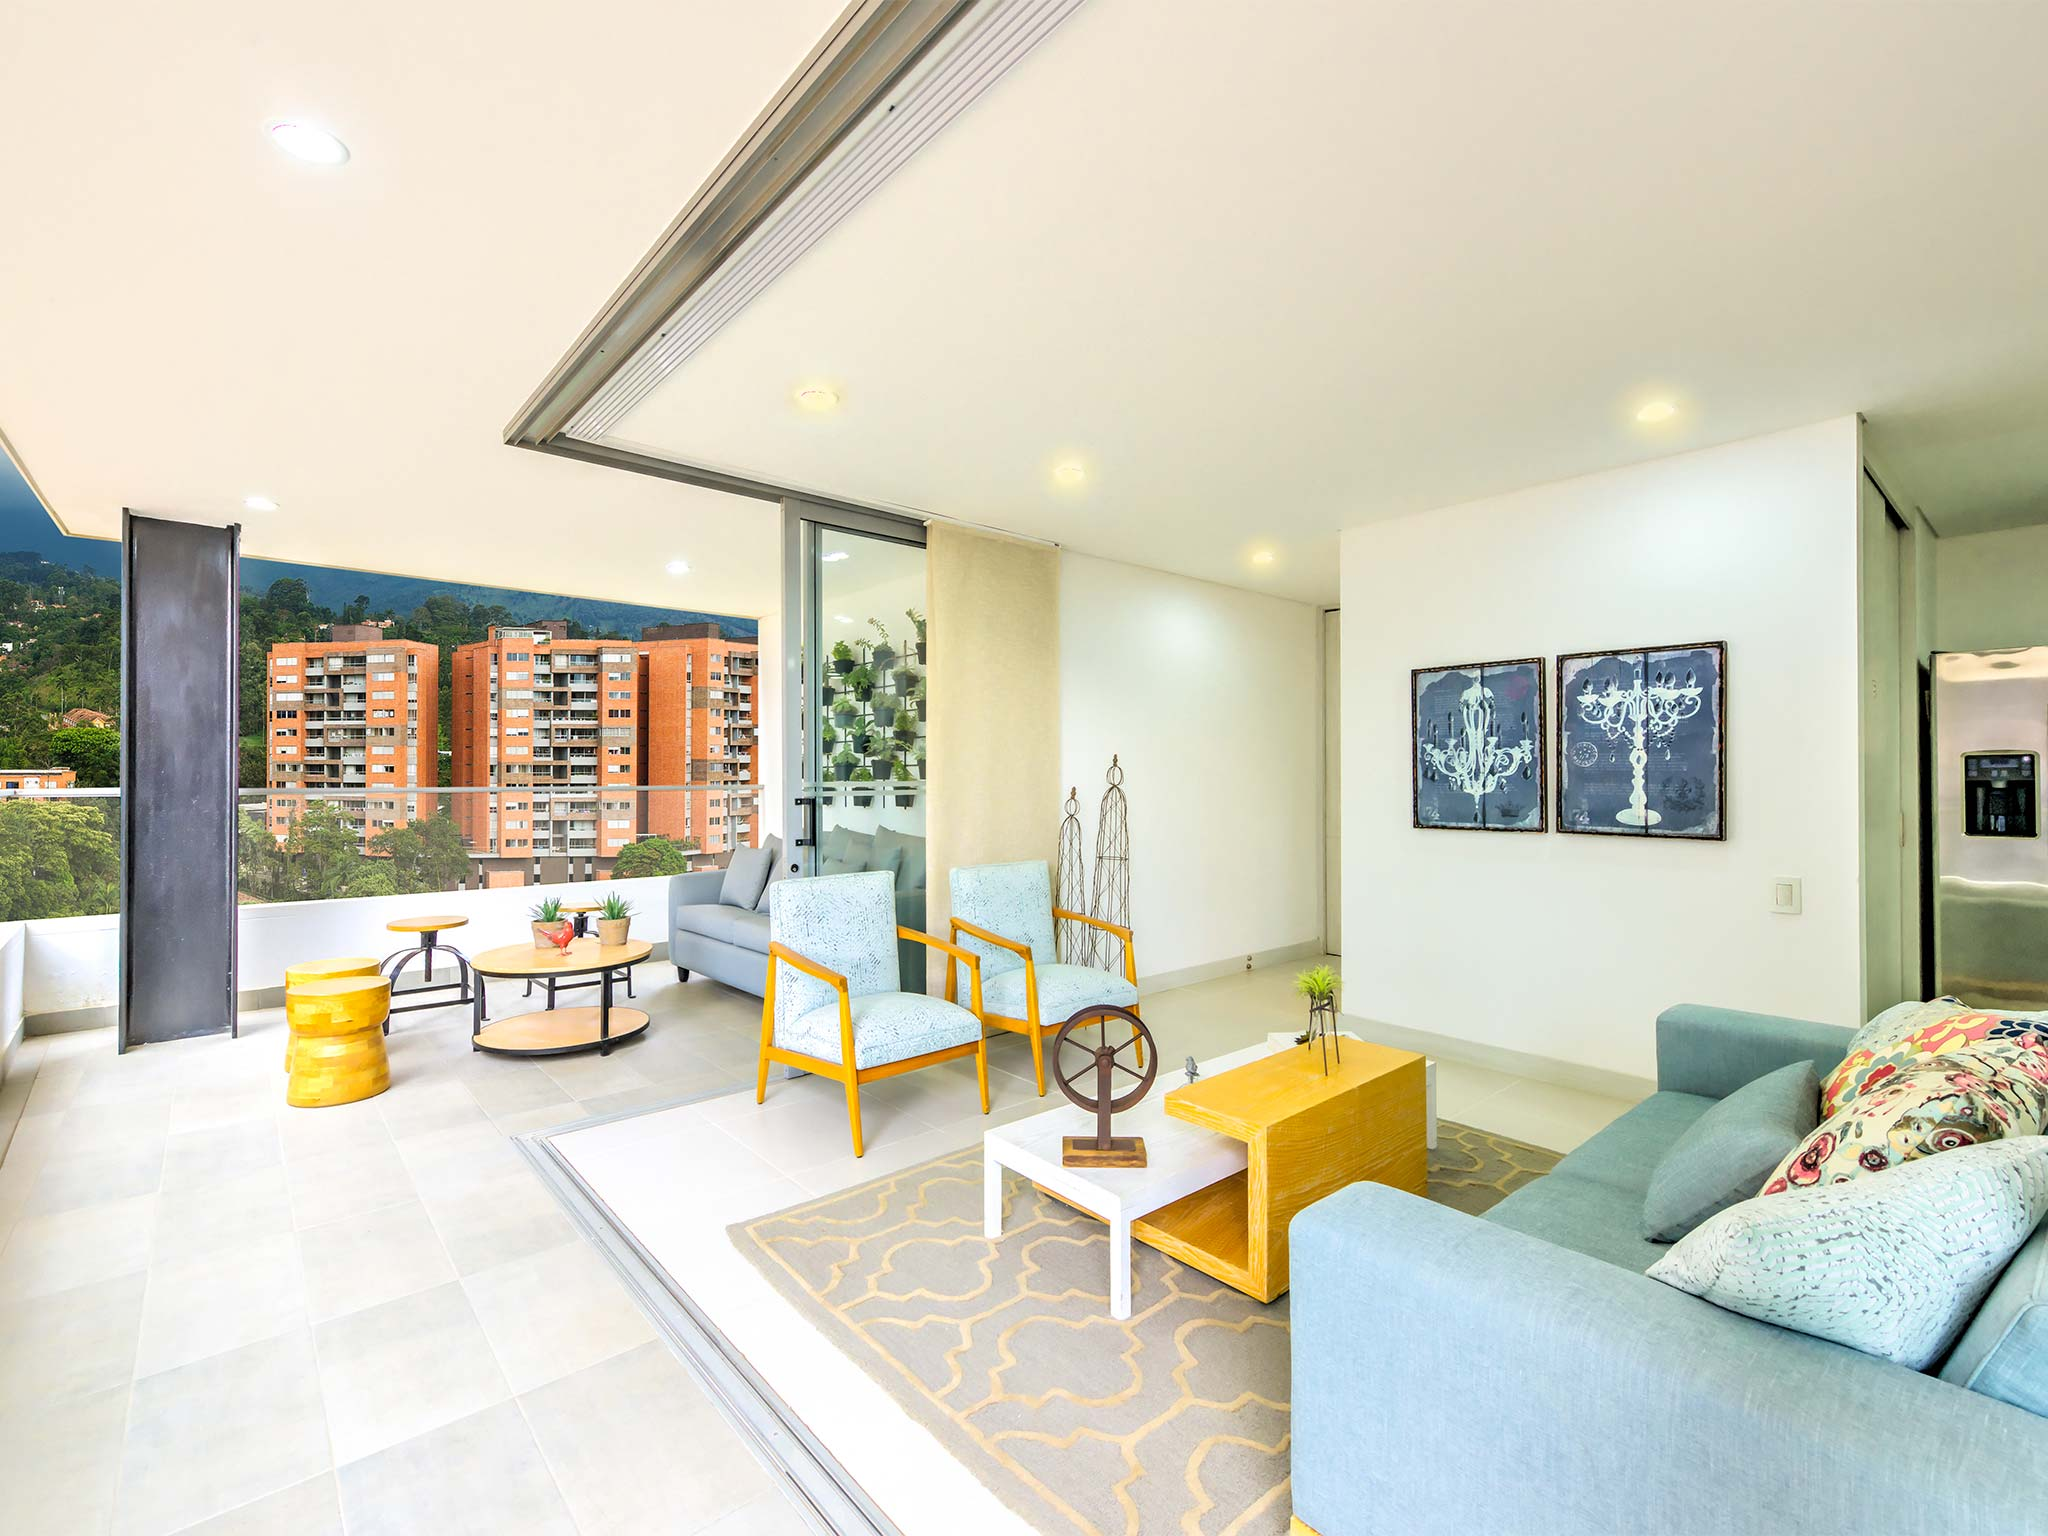 Fotos nativo arena bienes bienes constructores for Apartamento modelo